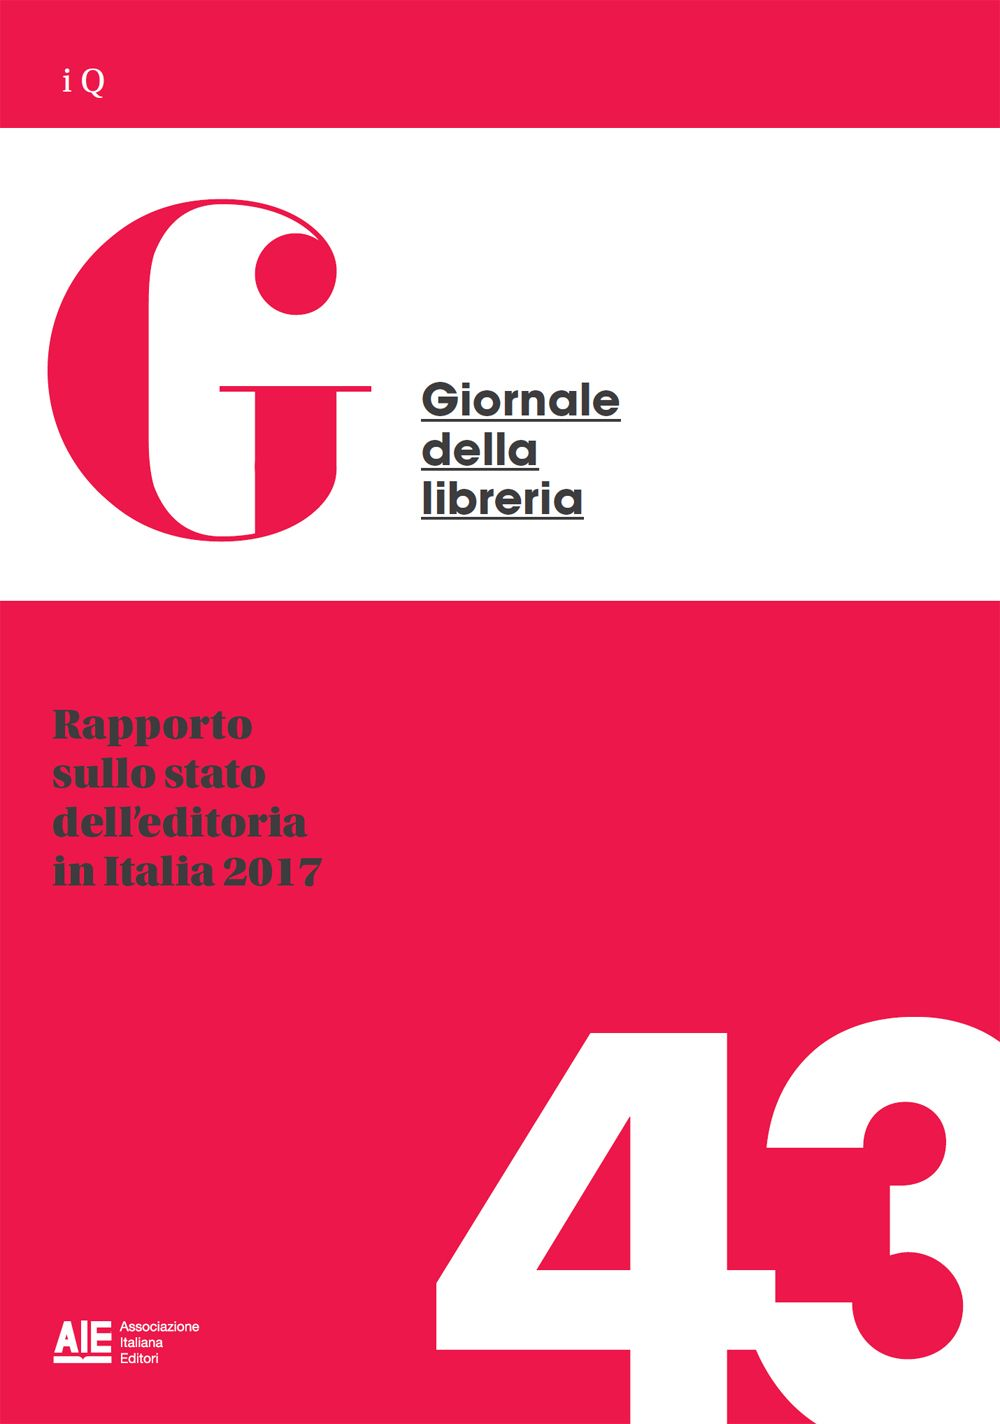 Rapporto sullo stato dell'editoria in Italia 2017